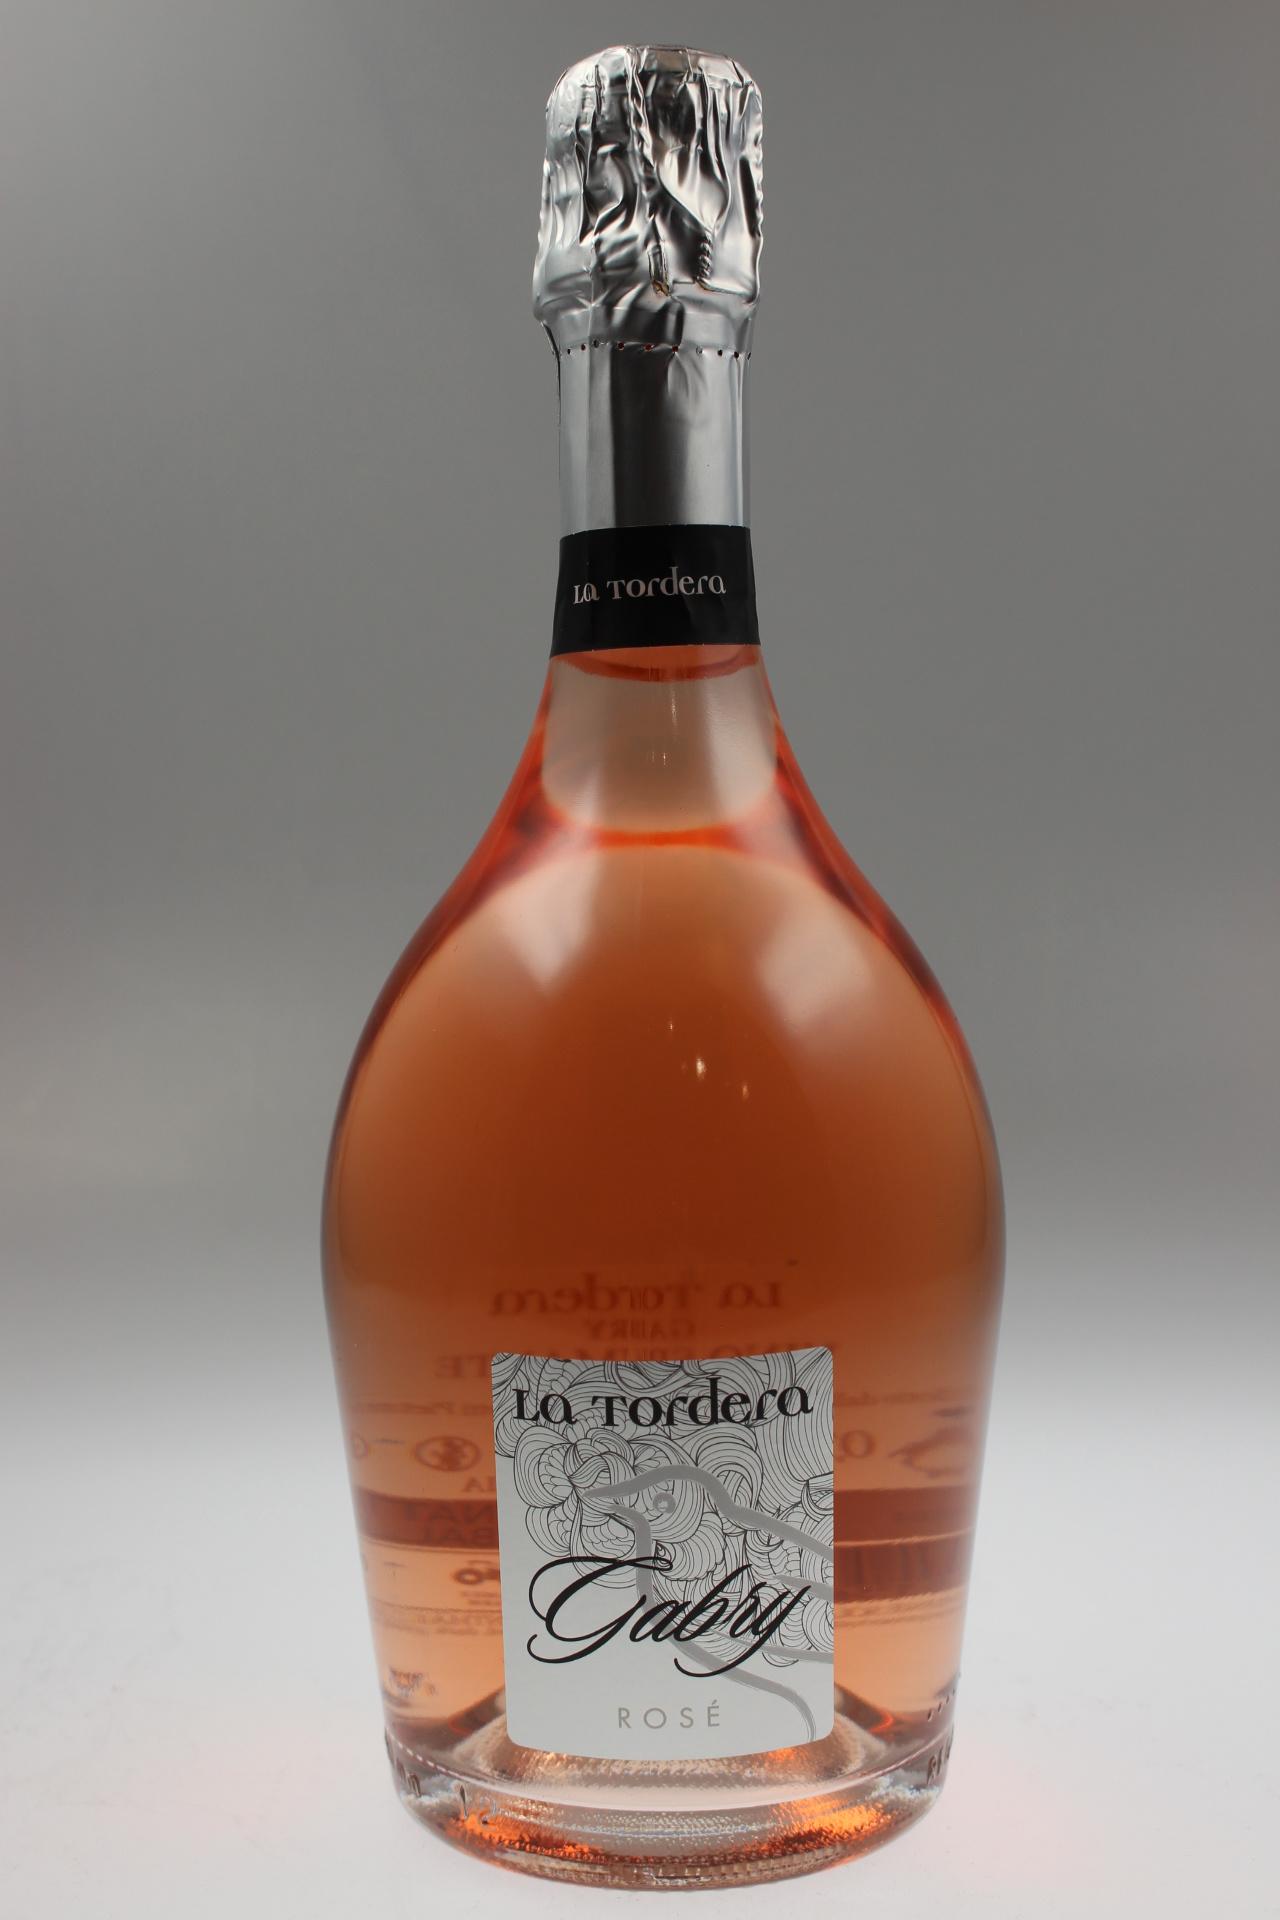 La Tordera la tordera rose